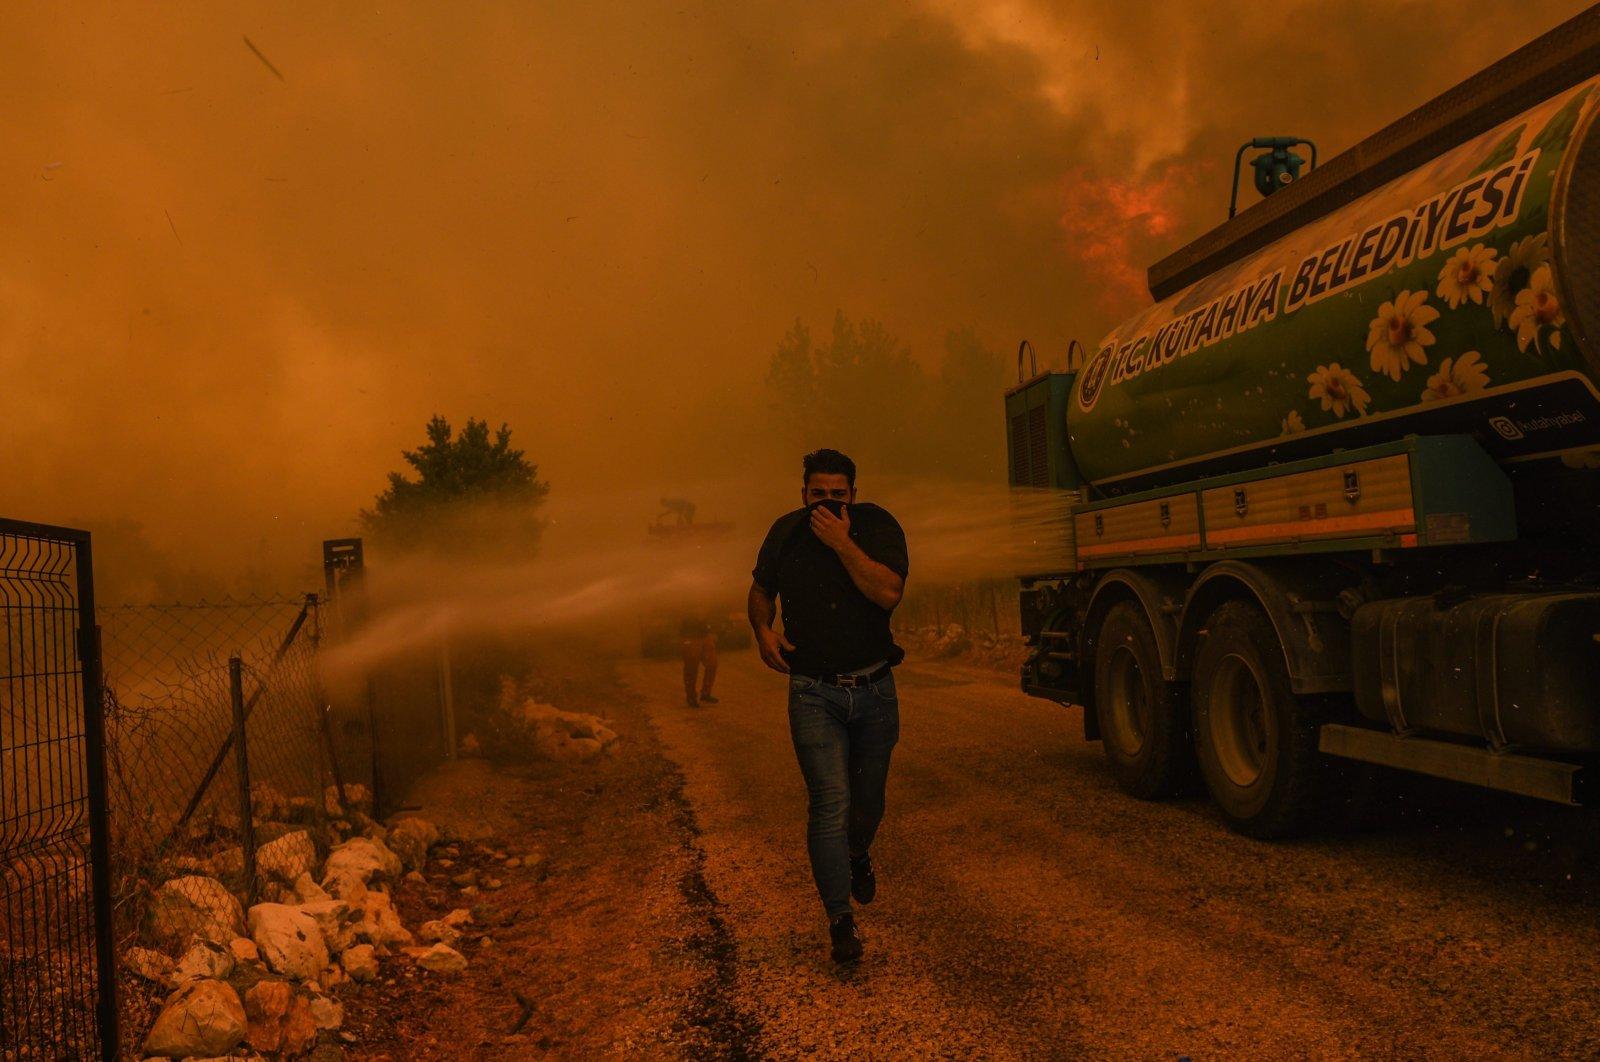 People fleeing the fire in Sırtköy, in Antalya, southern Turkey, Aug. 1, 2021. (PHOTO BY MURAT ŞENGÜL)